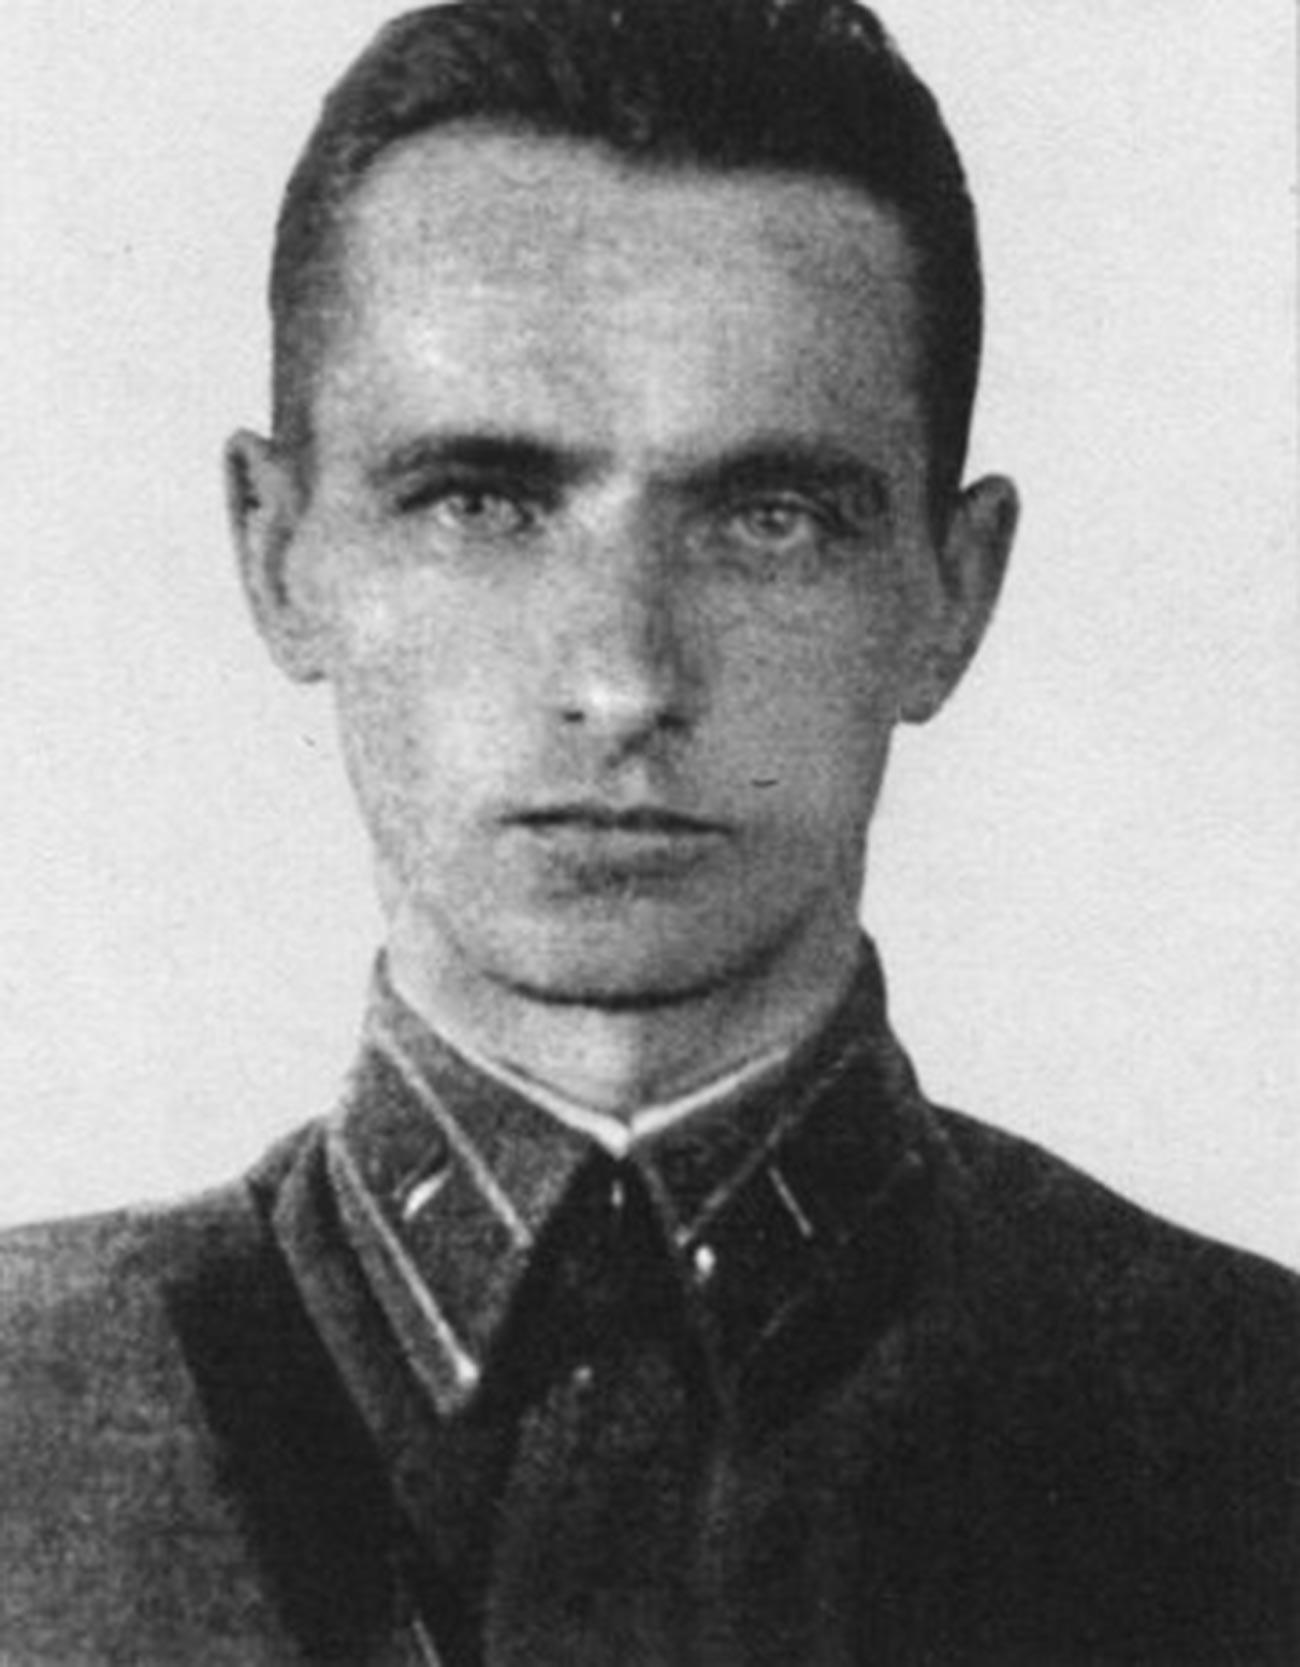 Vladimir Vladimirovič Gilj